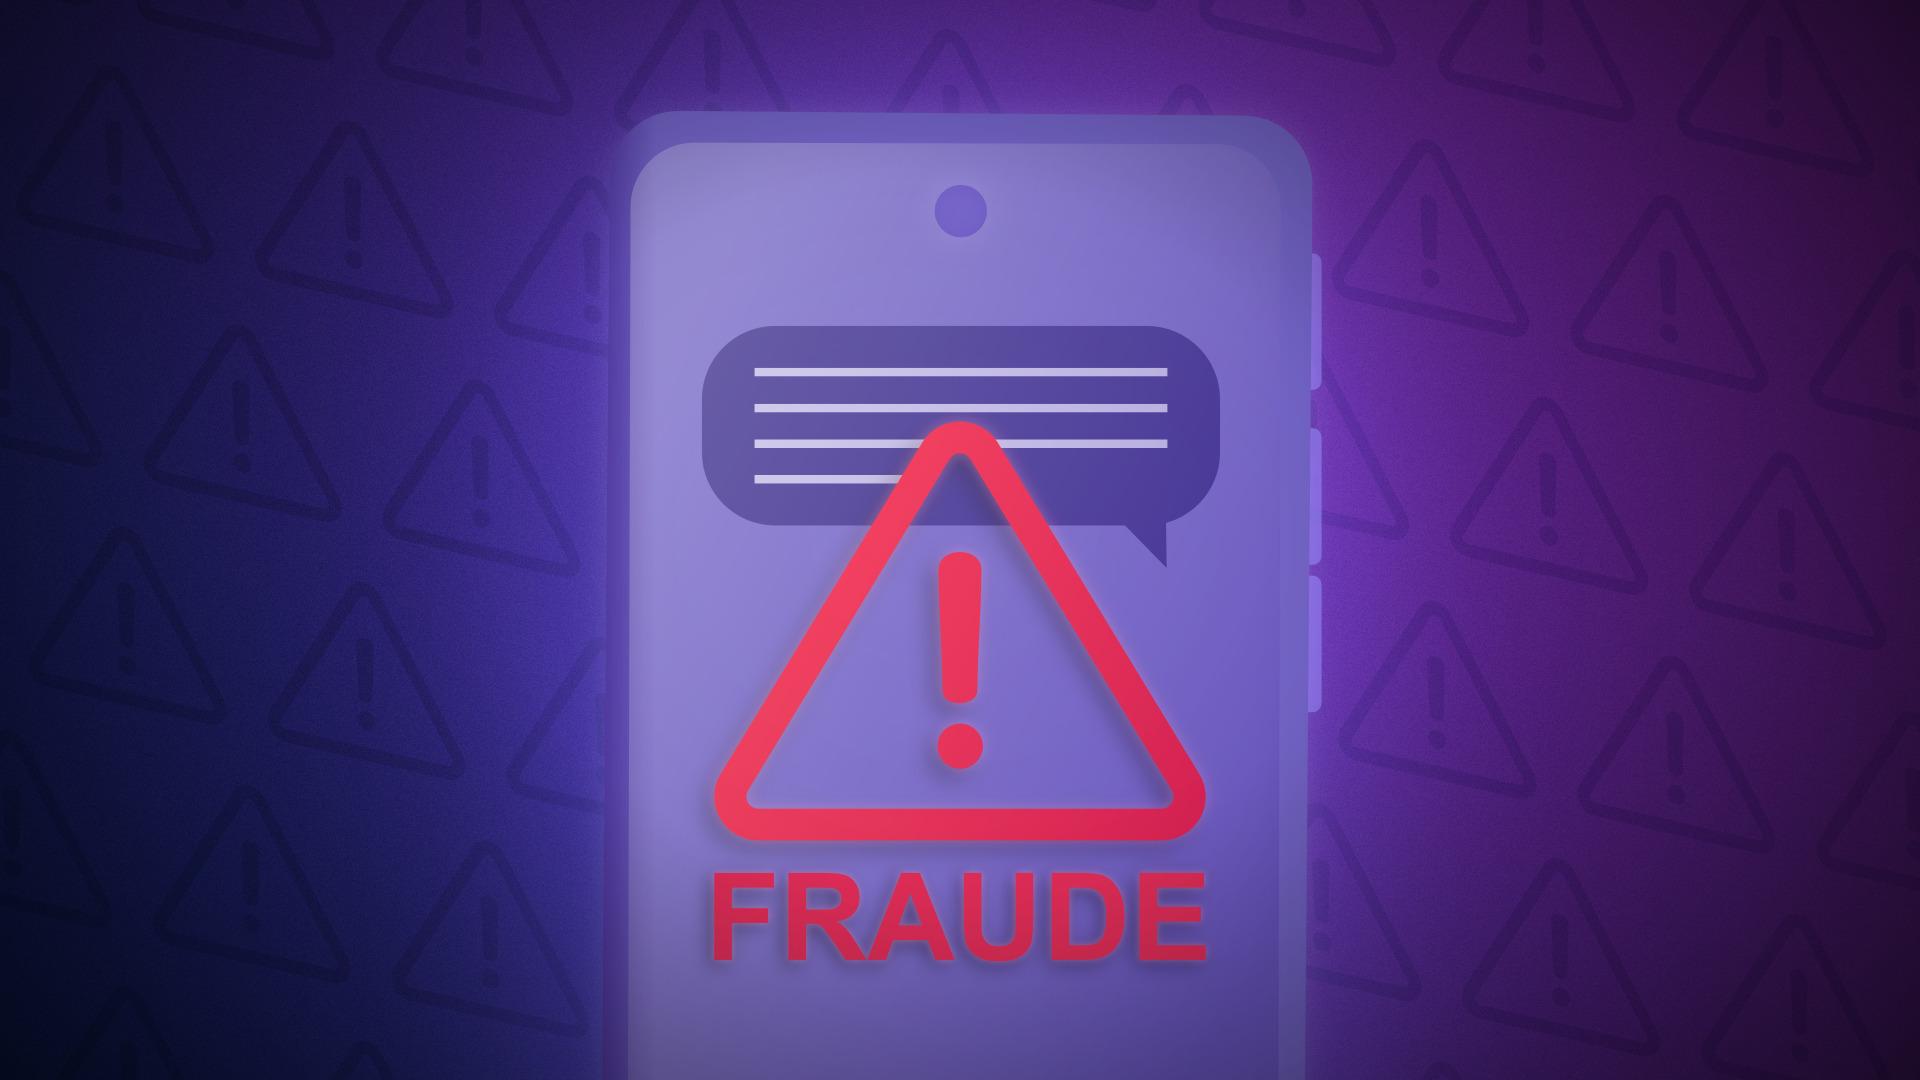 SMS frauduleux: les bons réflexes à adopter pour ne pas se faire avoir